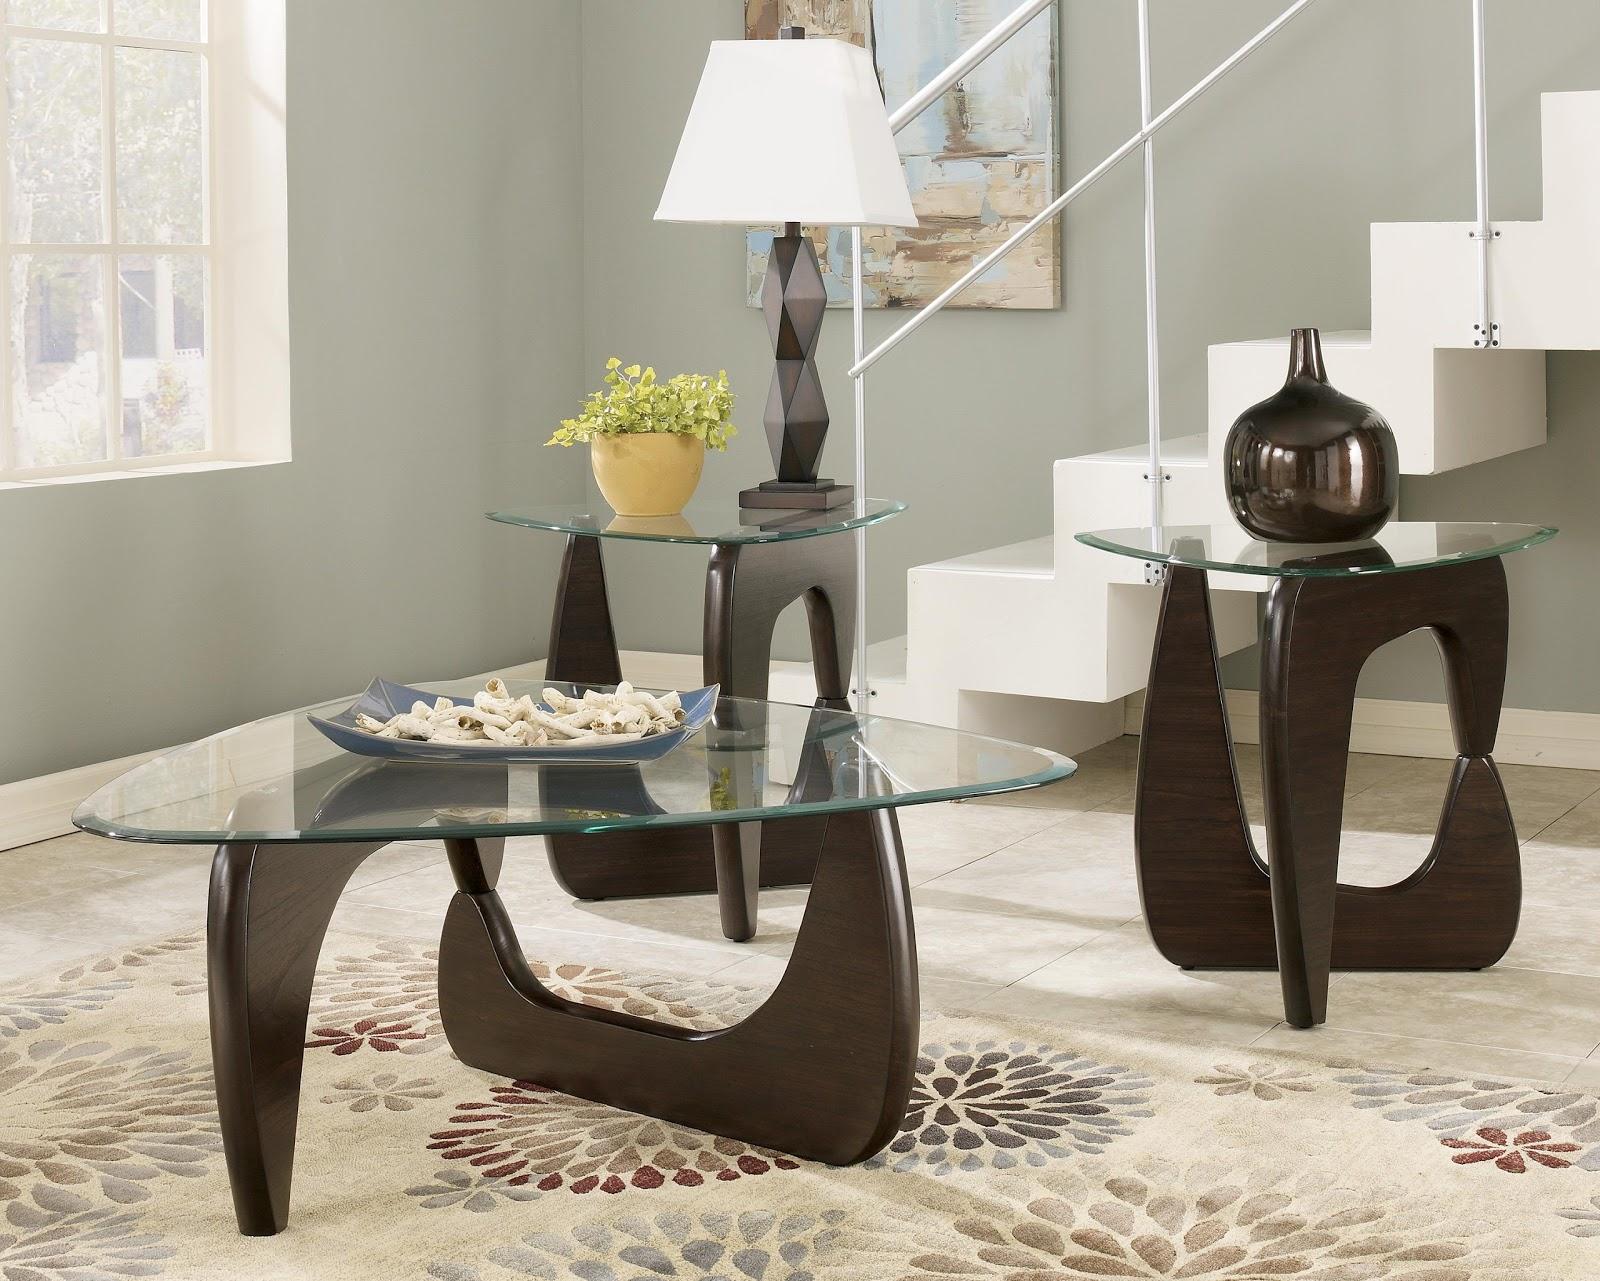 جدول برای یک اتاق بزرگ